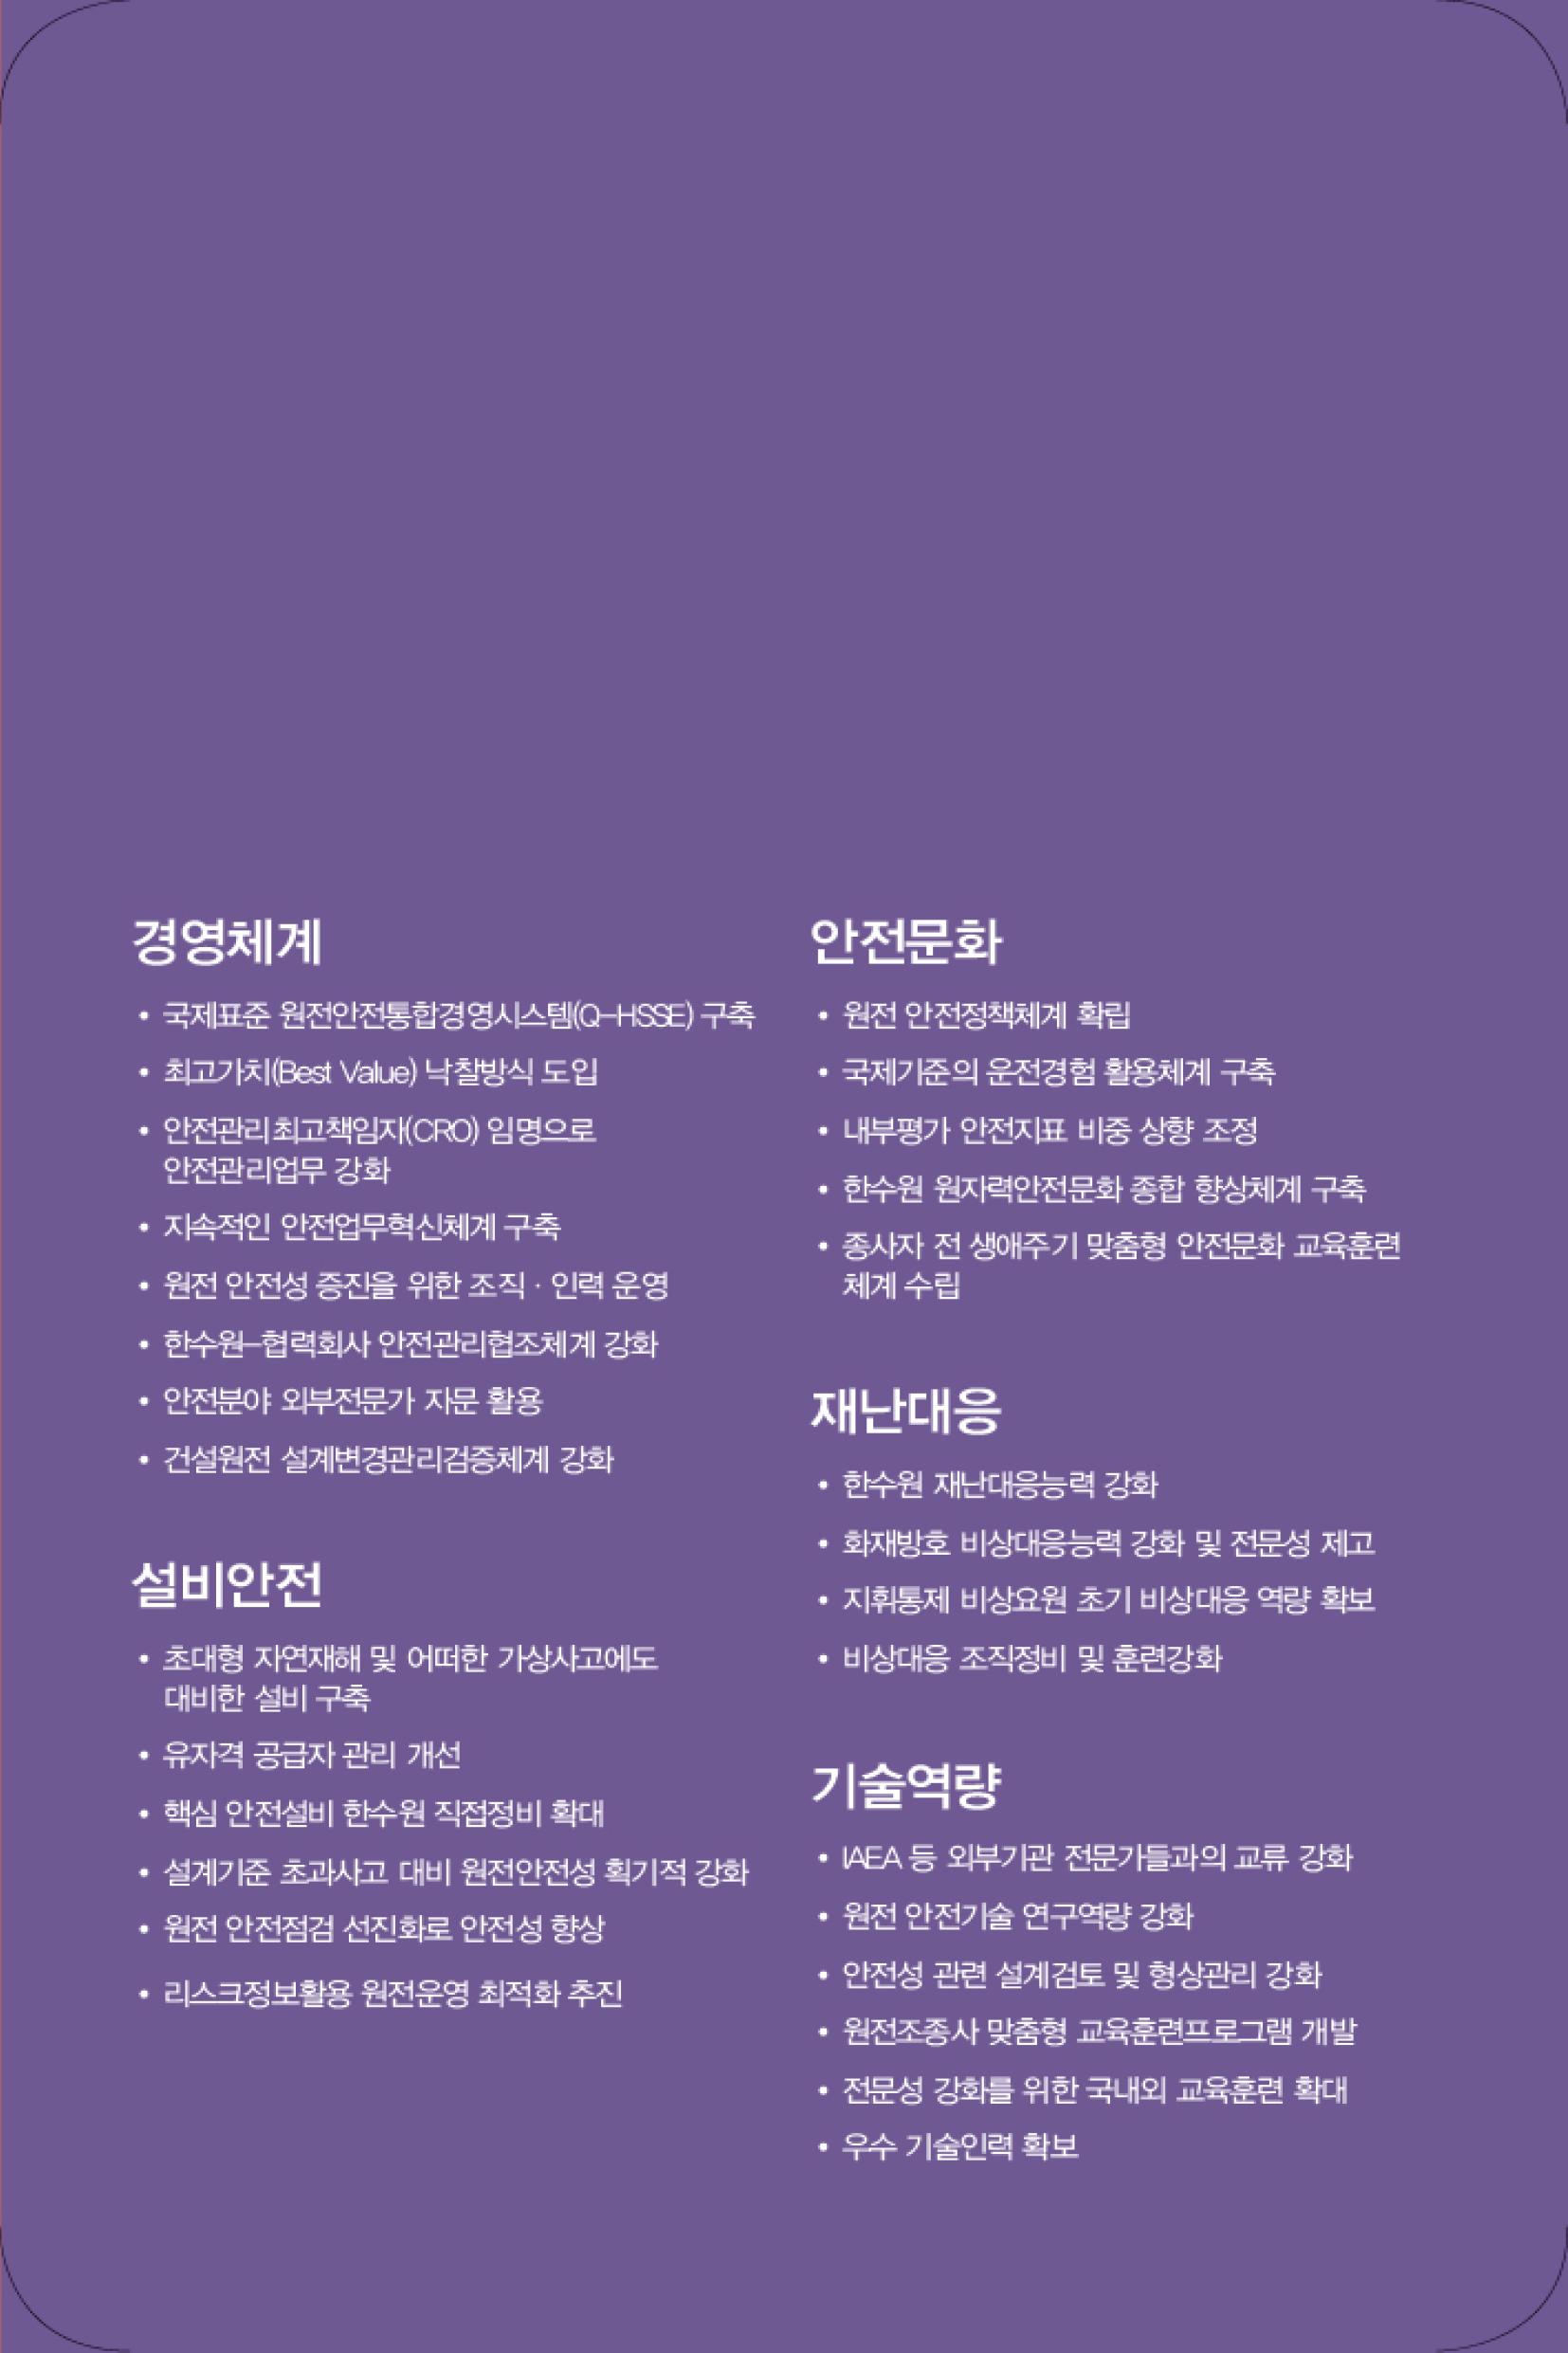 추석-홍보물-리플렛_최종-13.jpg